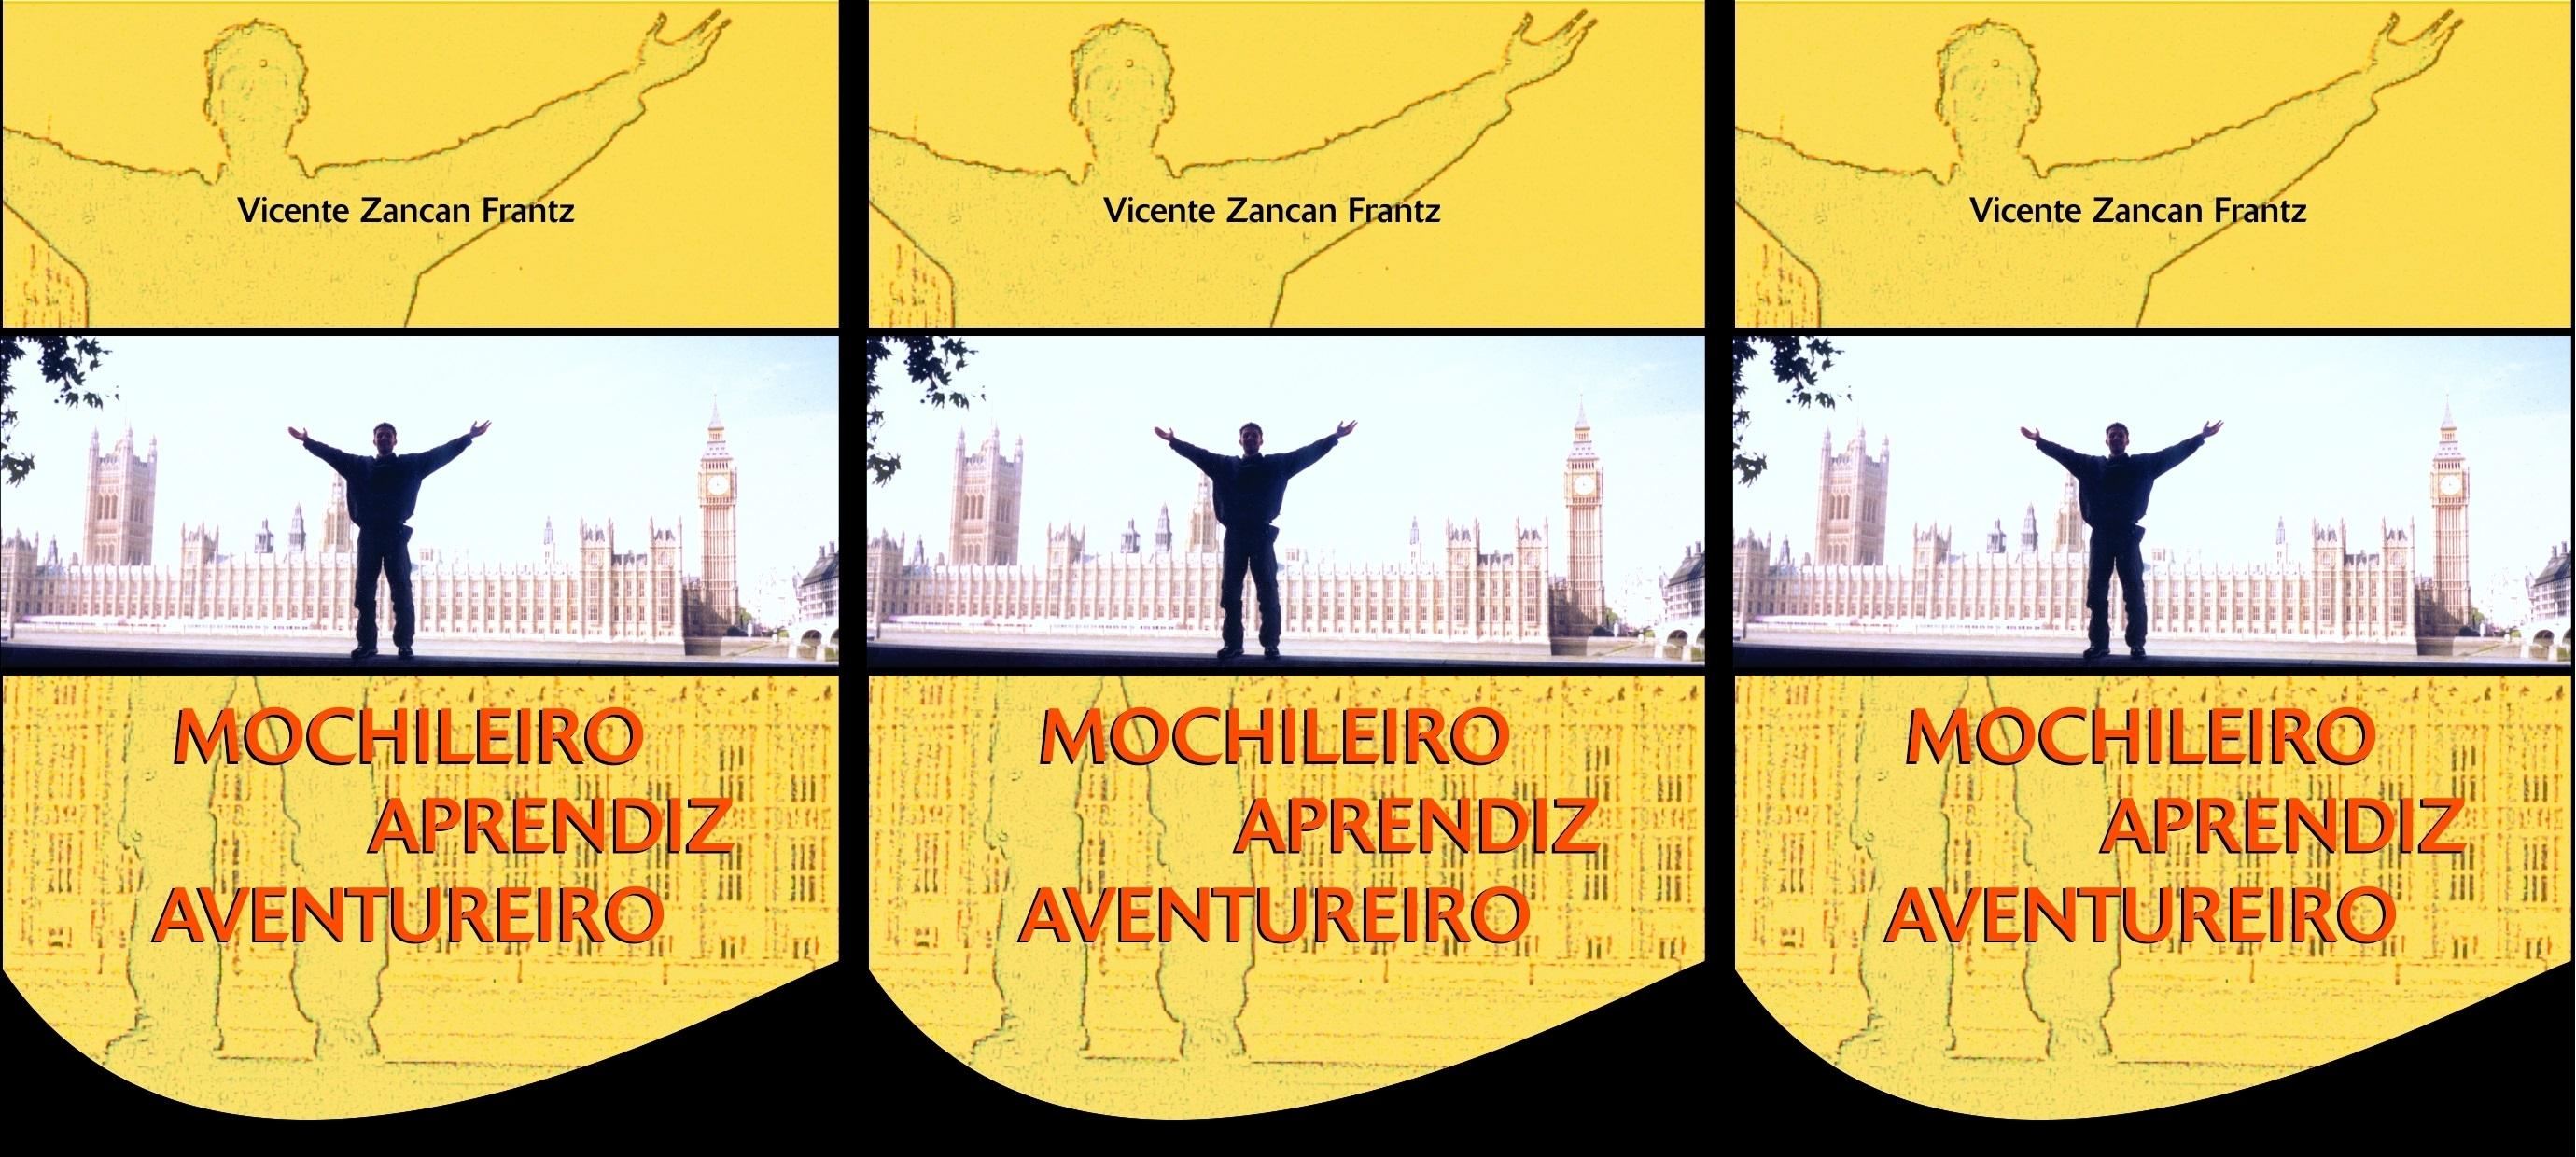 Capa do livro Mochileiro Aprendiz Aventureiro.